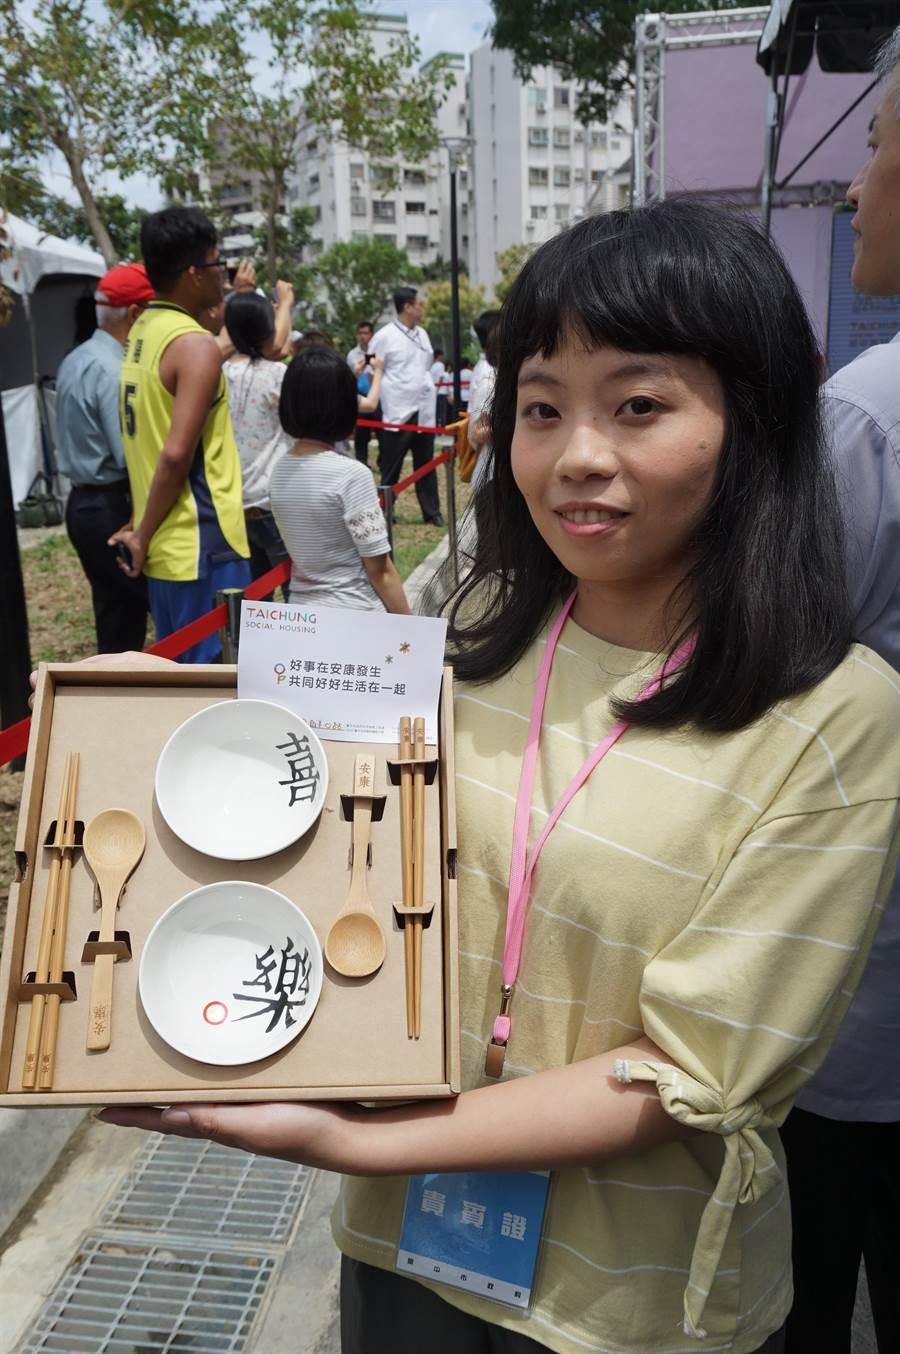 劉宛諭代表安康社宅住戶接受林佳龍致贈碗筷紀念品。(王文吉攝)